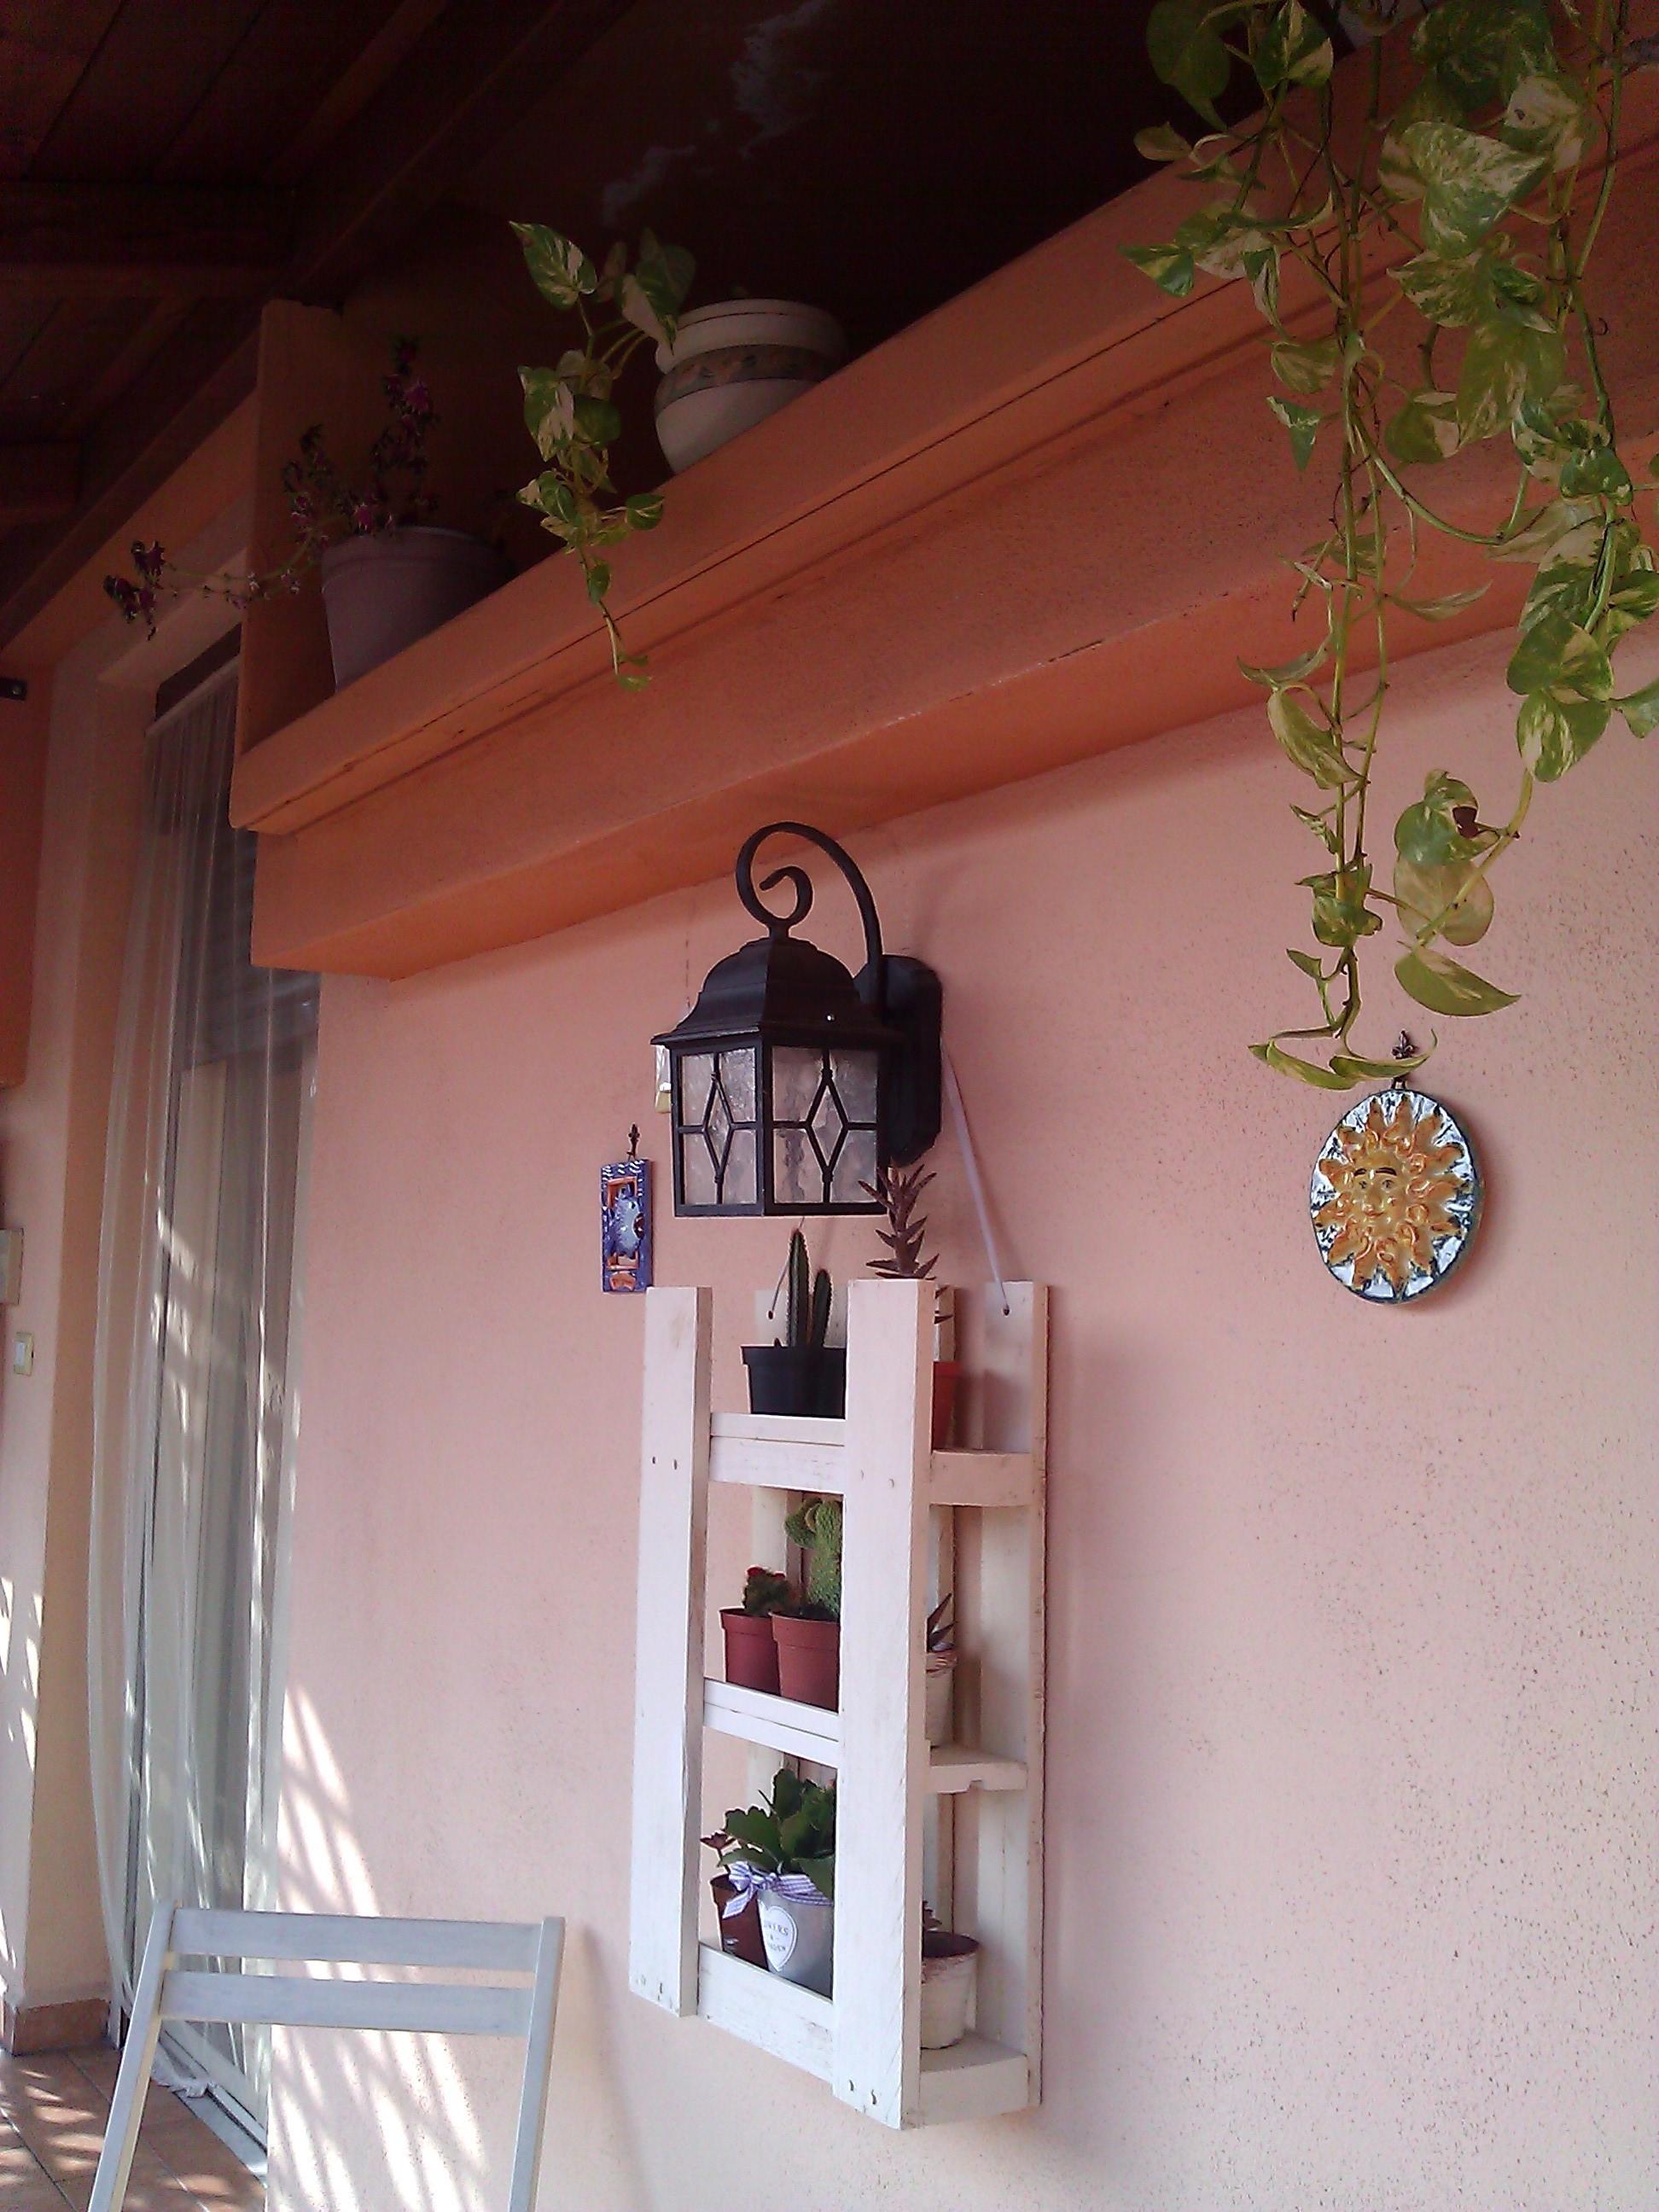 Piccolo bancale adibito a porta piante